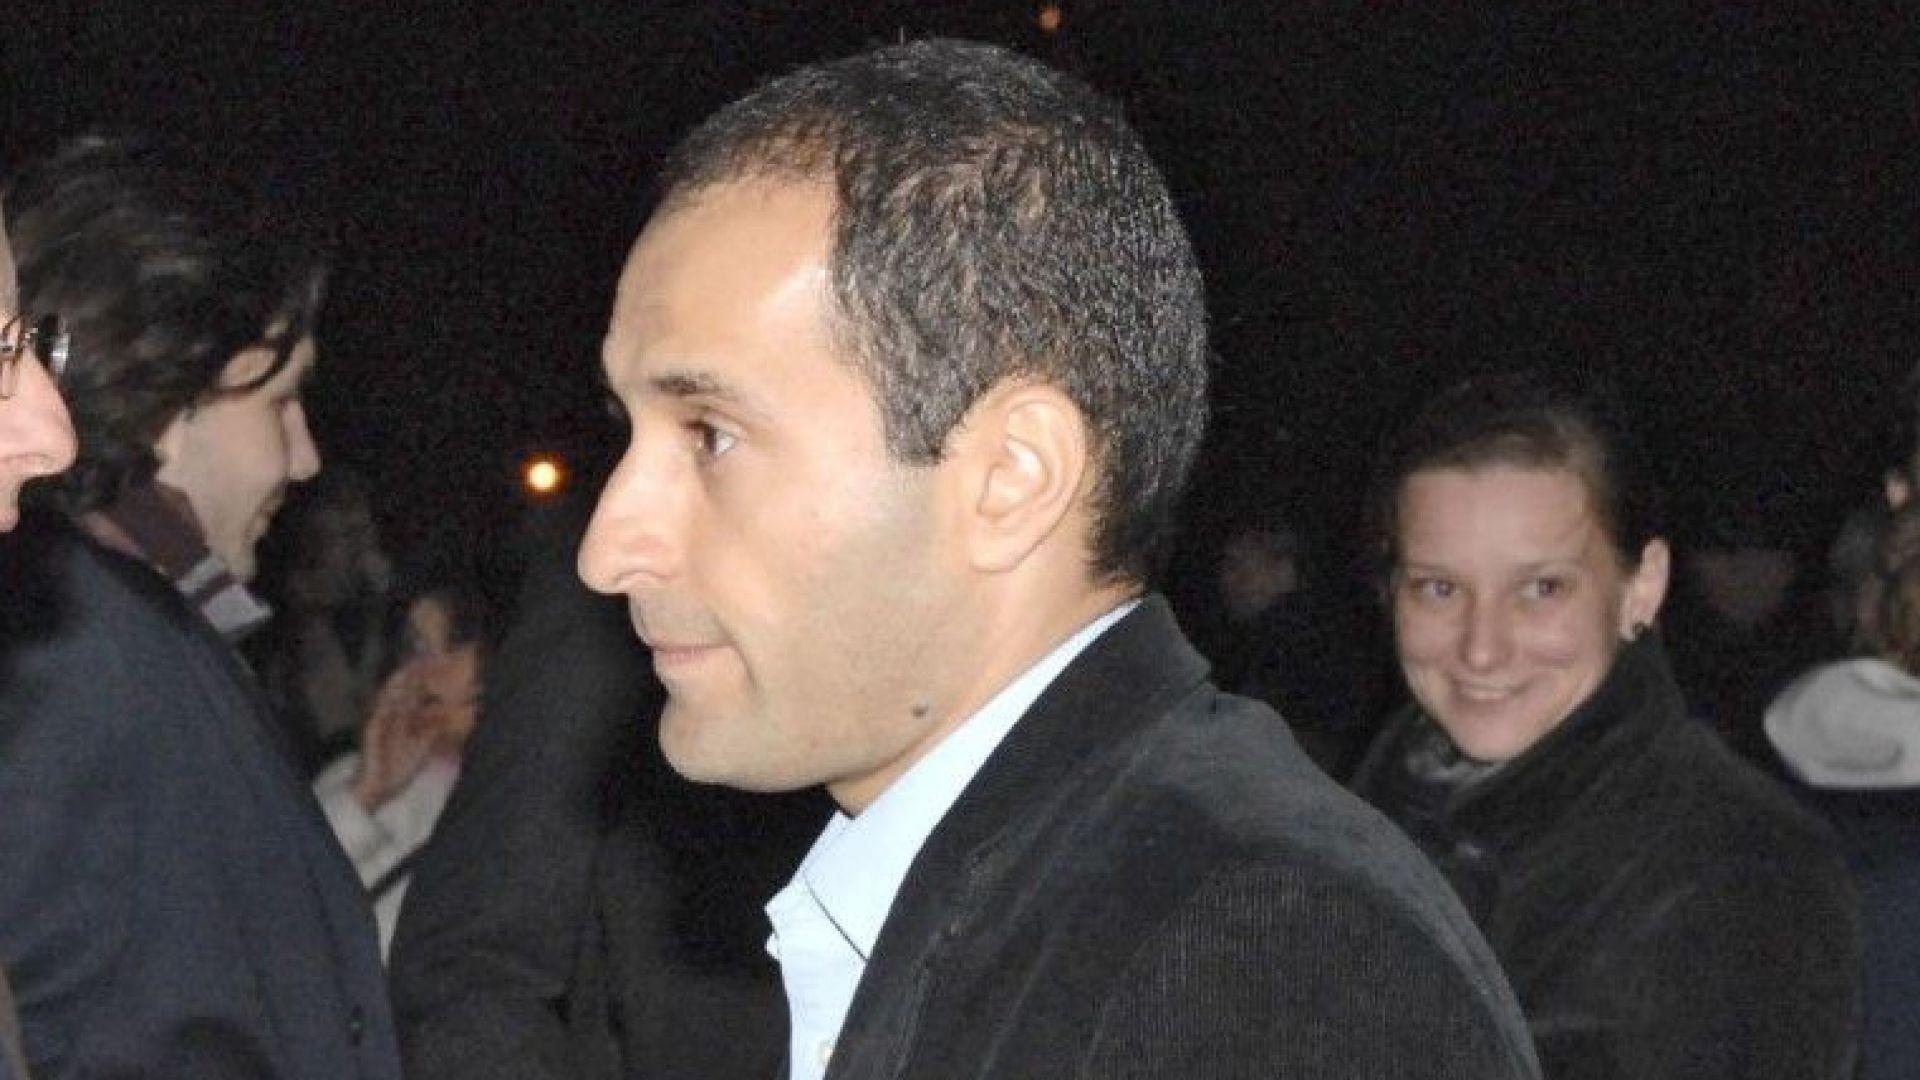 4 години затвор за бивш зам.-министър, Даниел Митов - оправдан